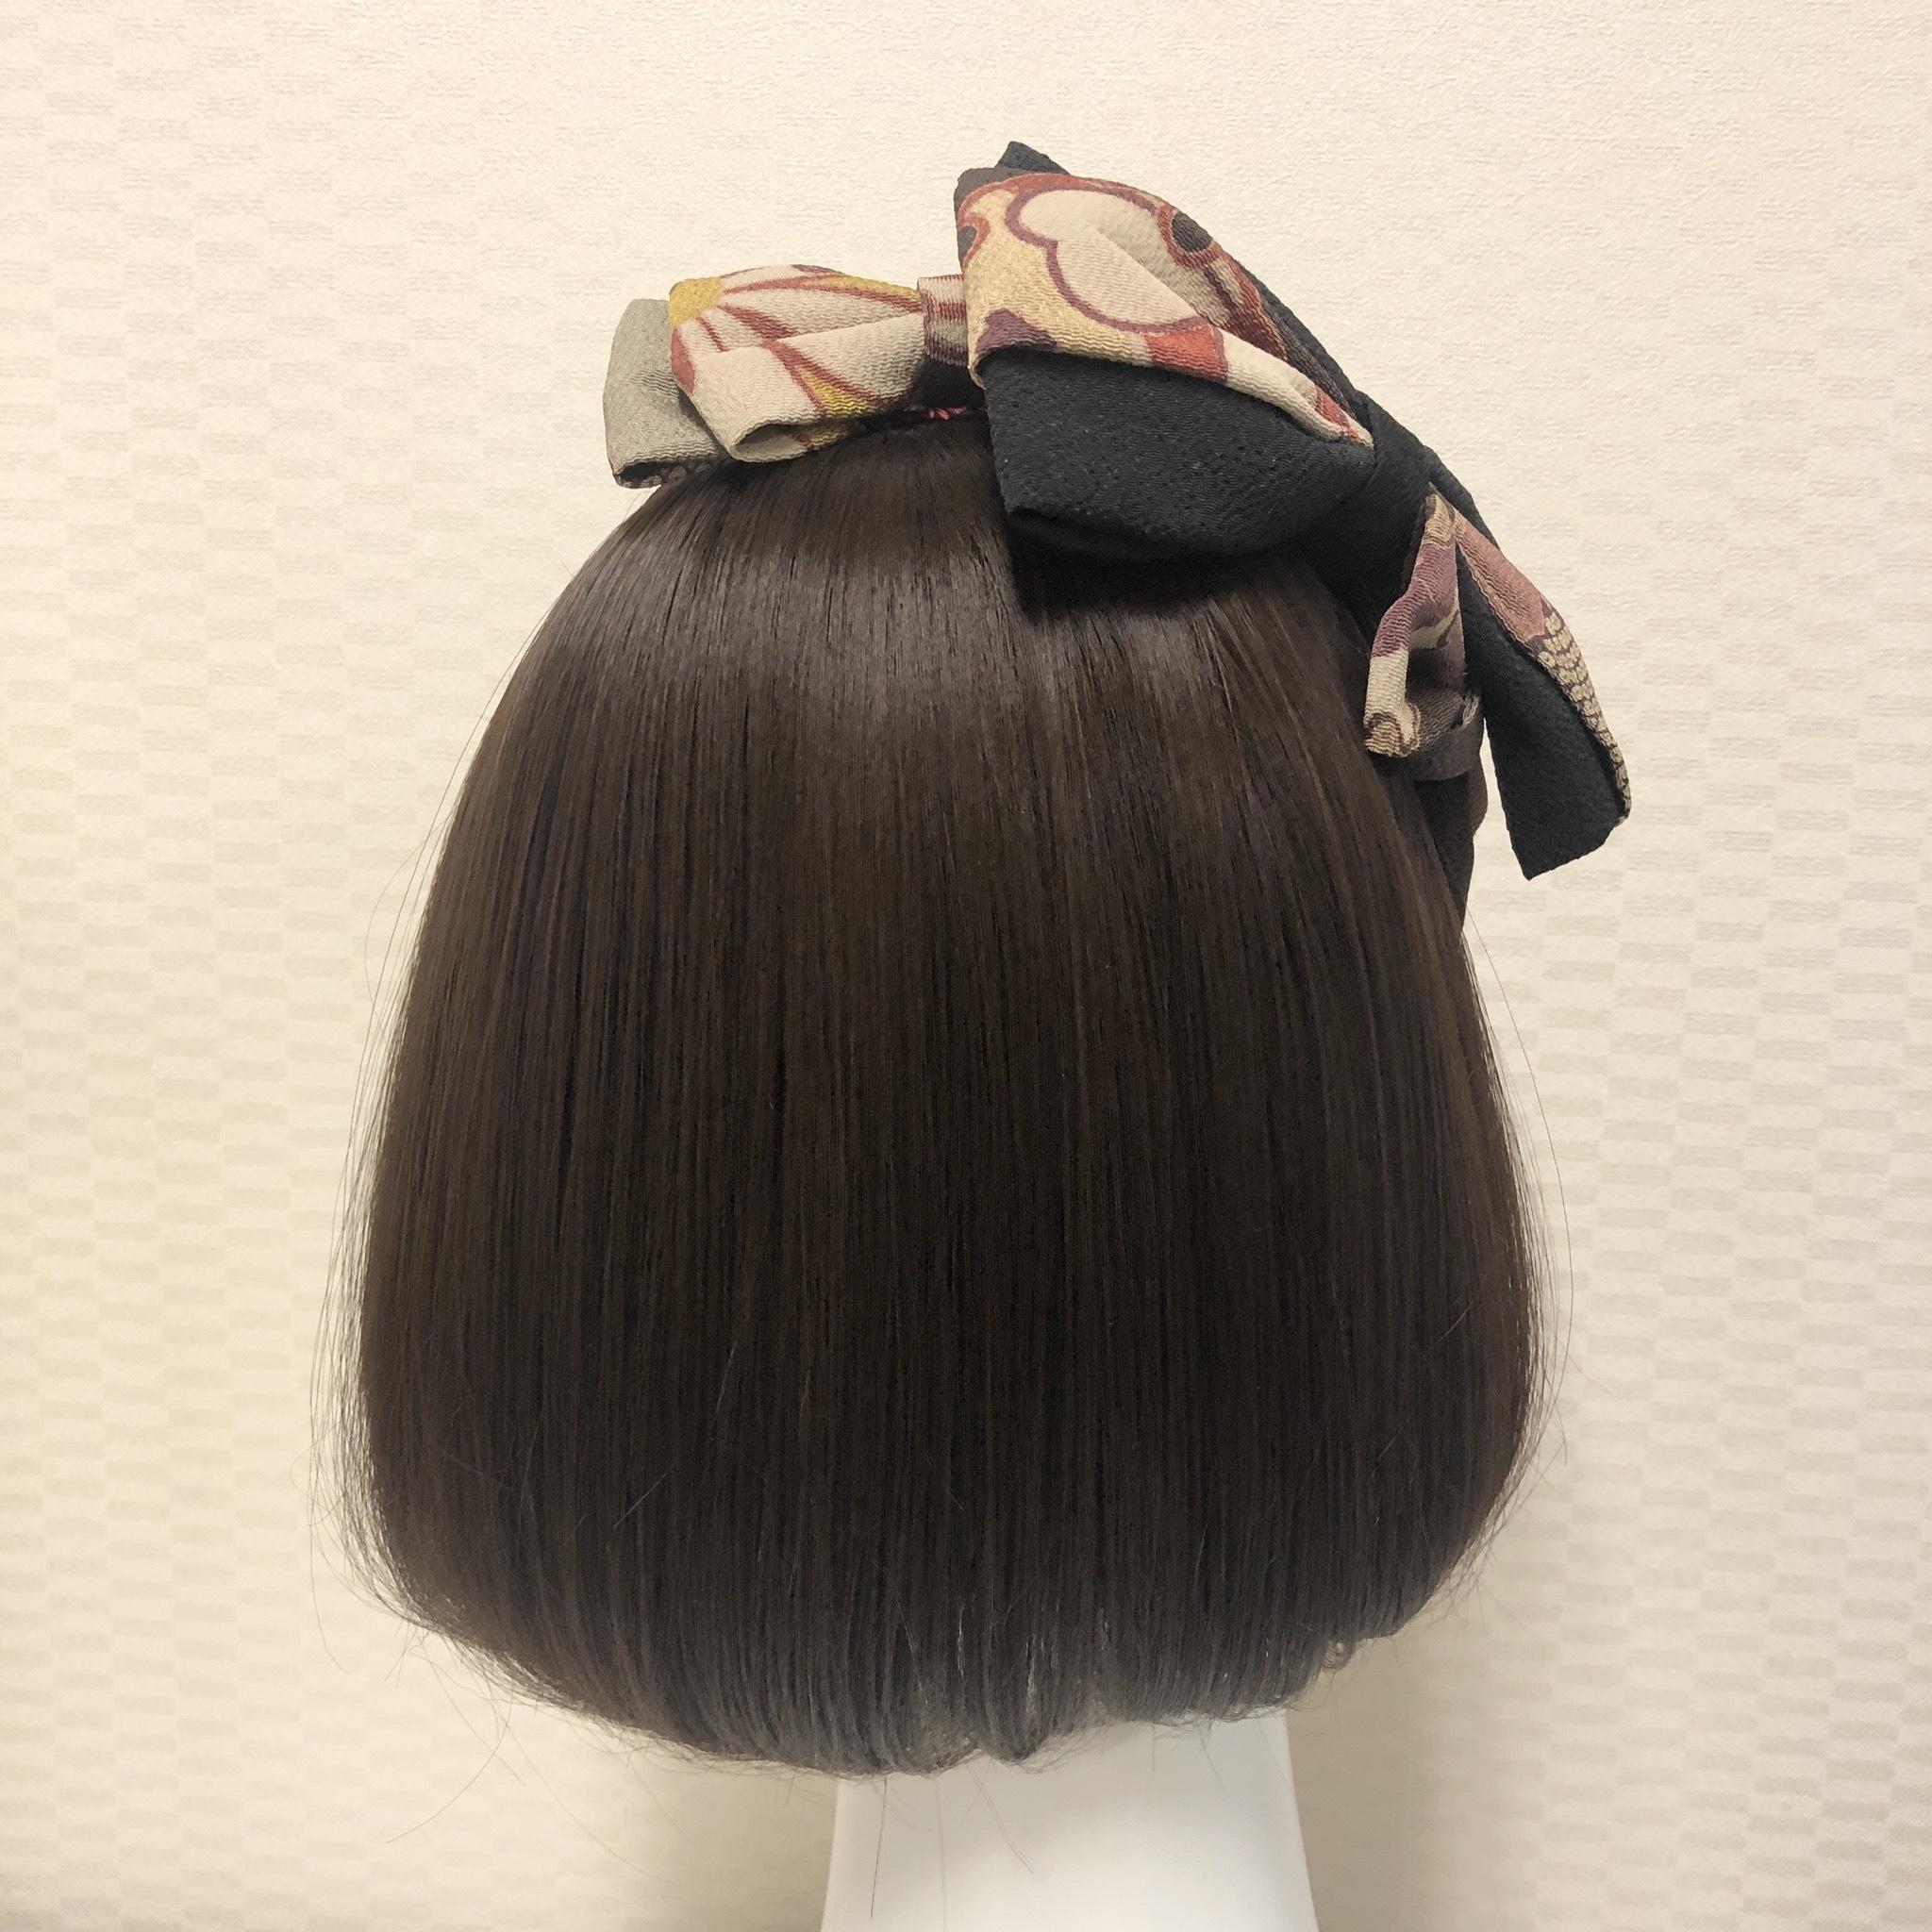 ヘッドドレス(リボンファミリー/No.1)